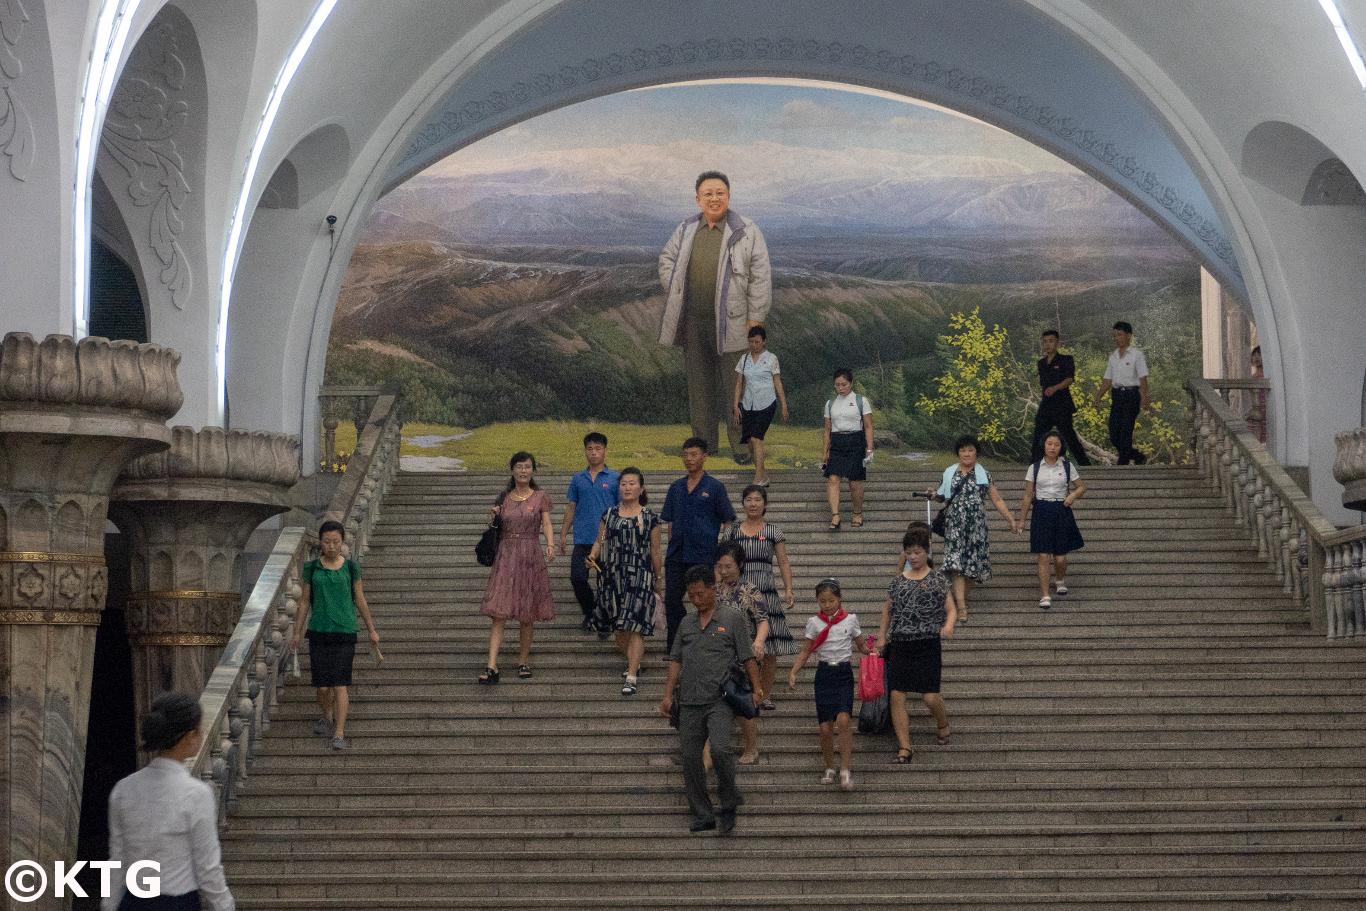 Le métro de Pyongyang, Corée du Nord